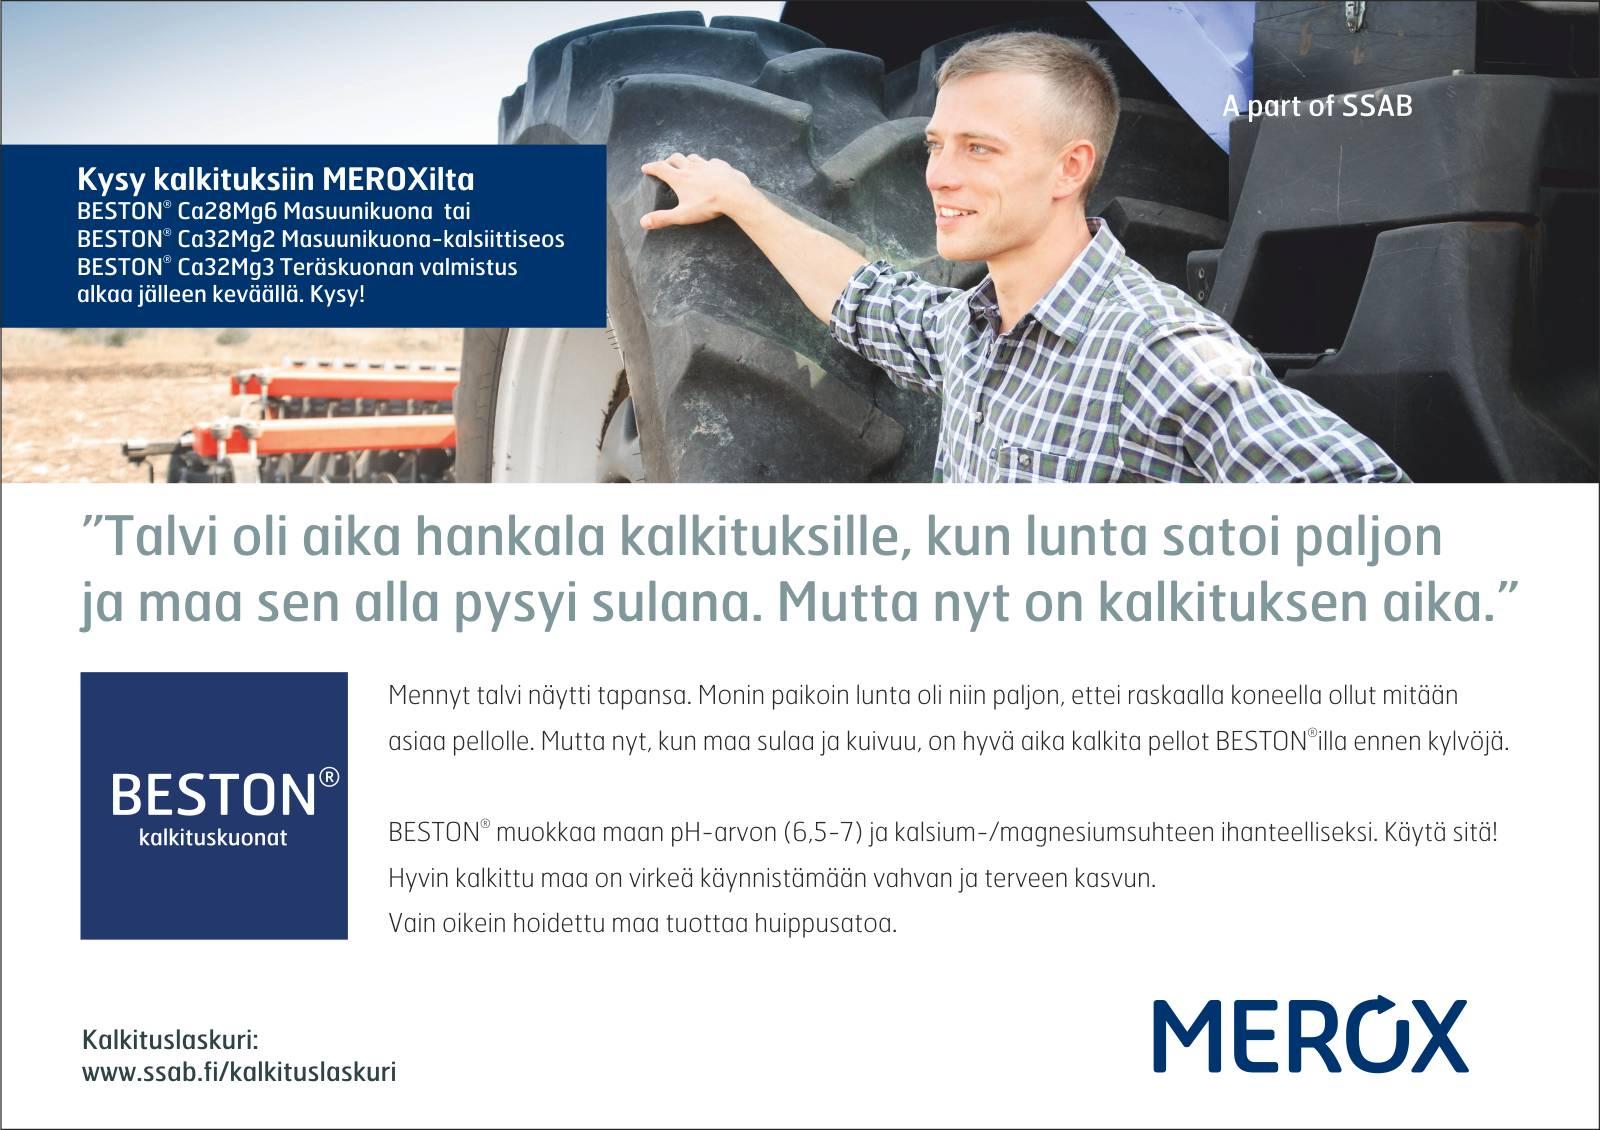 Merox ilmoitus huhtikuu 2018